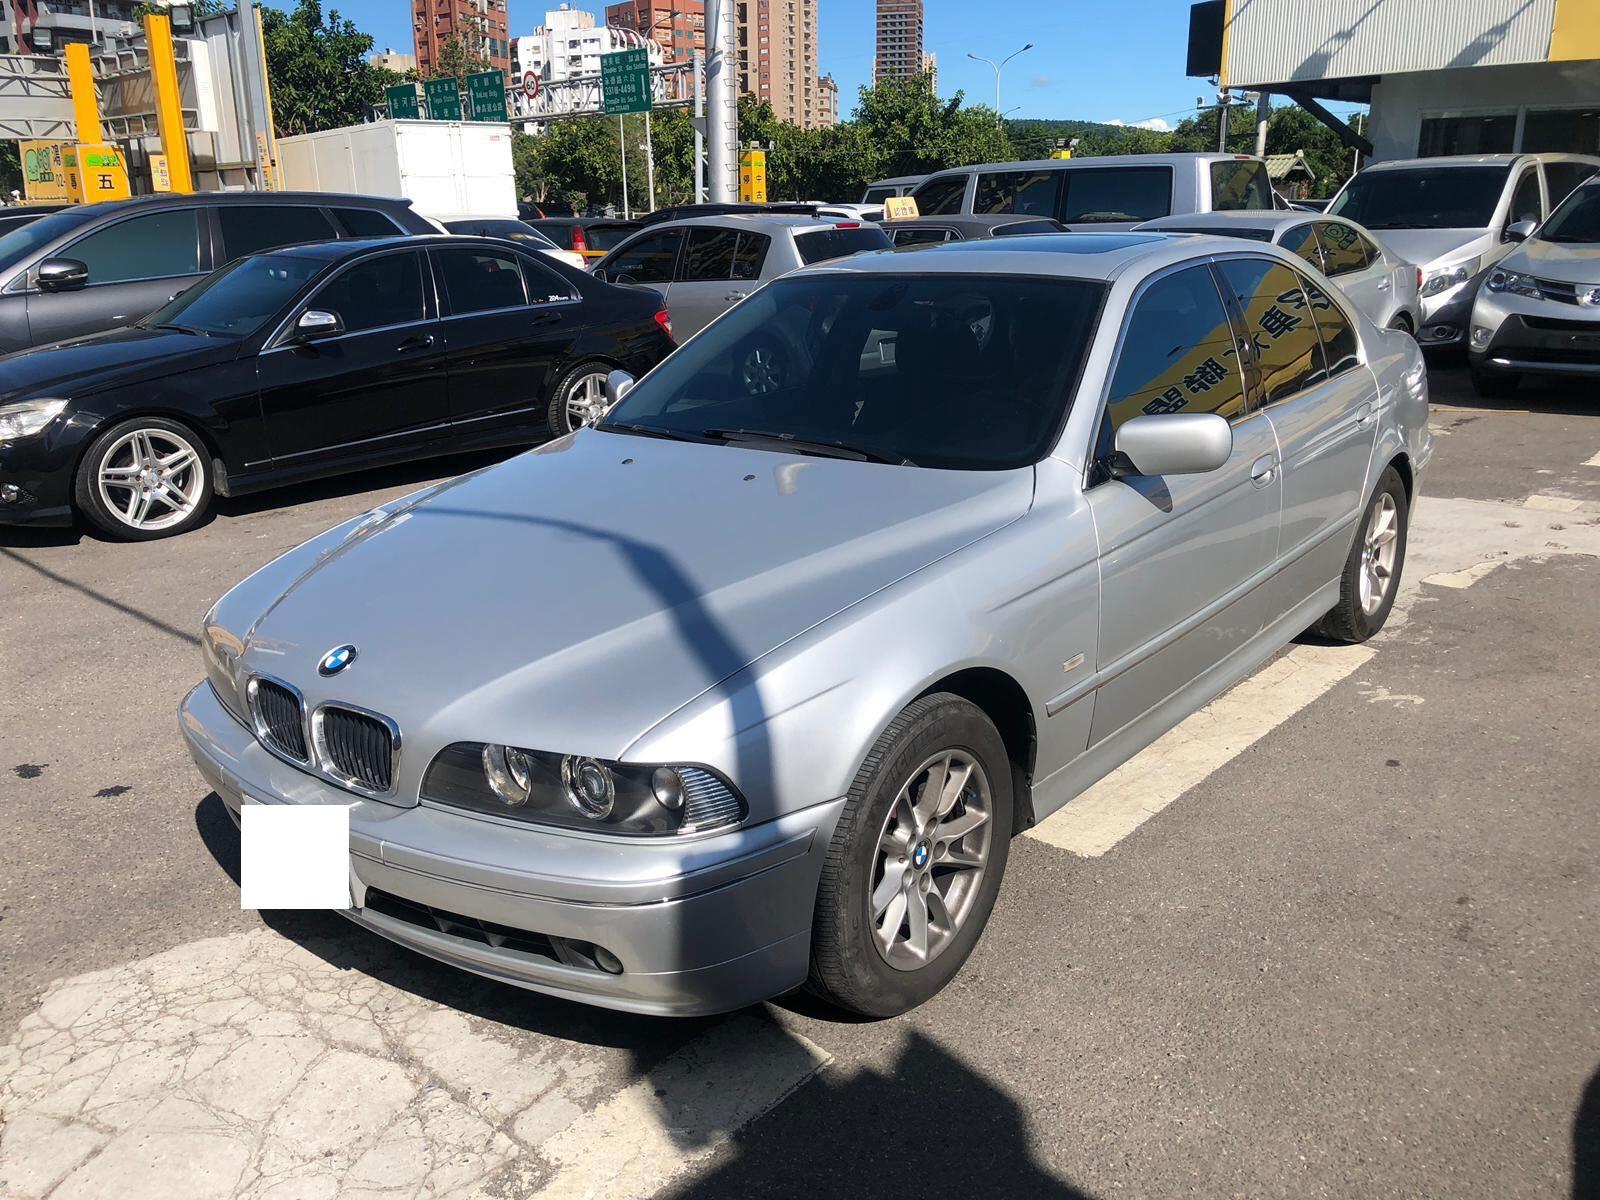 2003 BMW 寶馬 5-series sedan